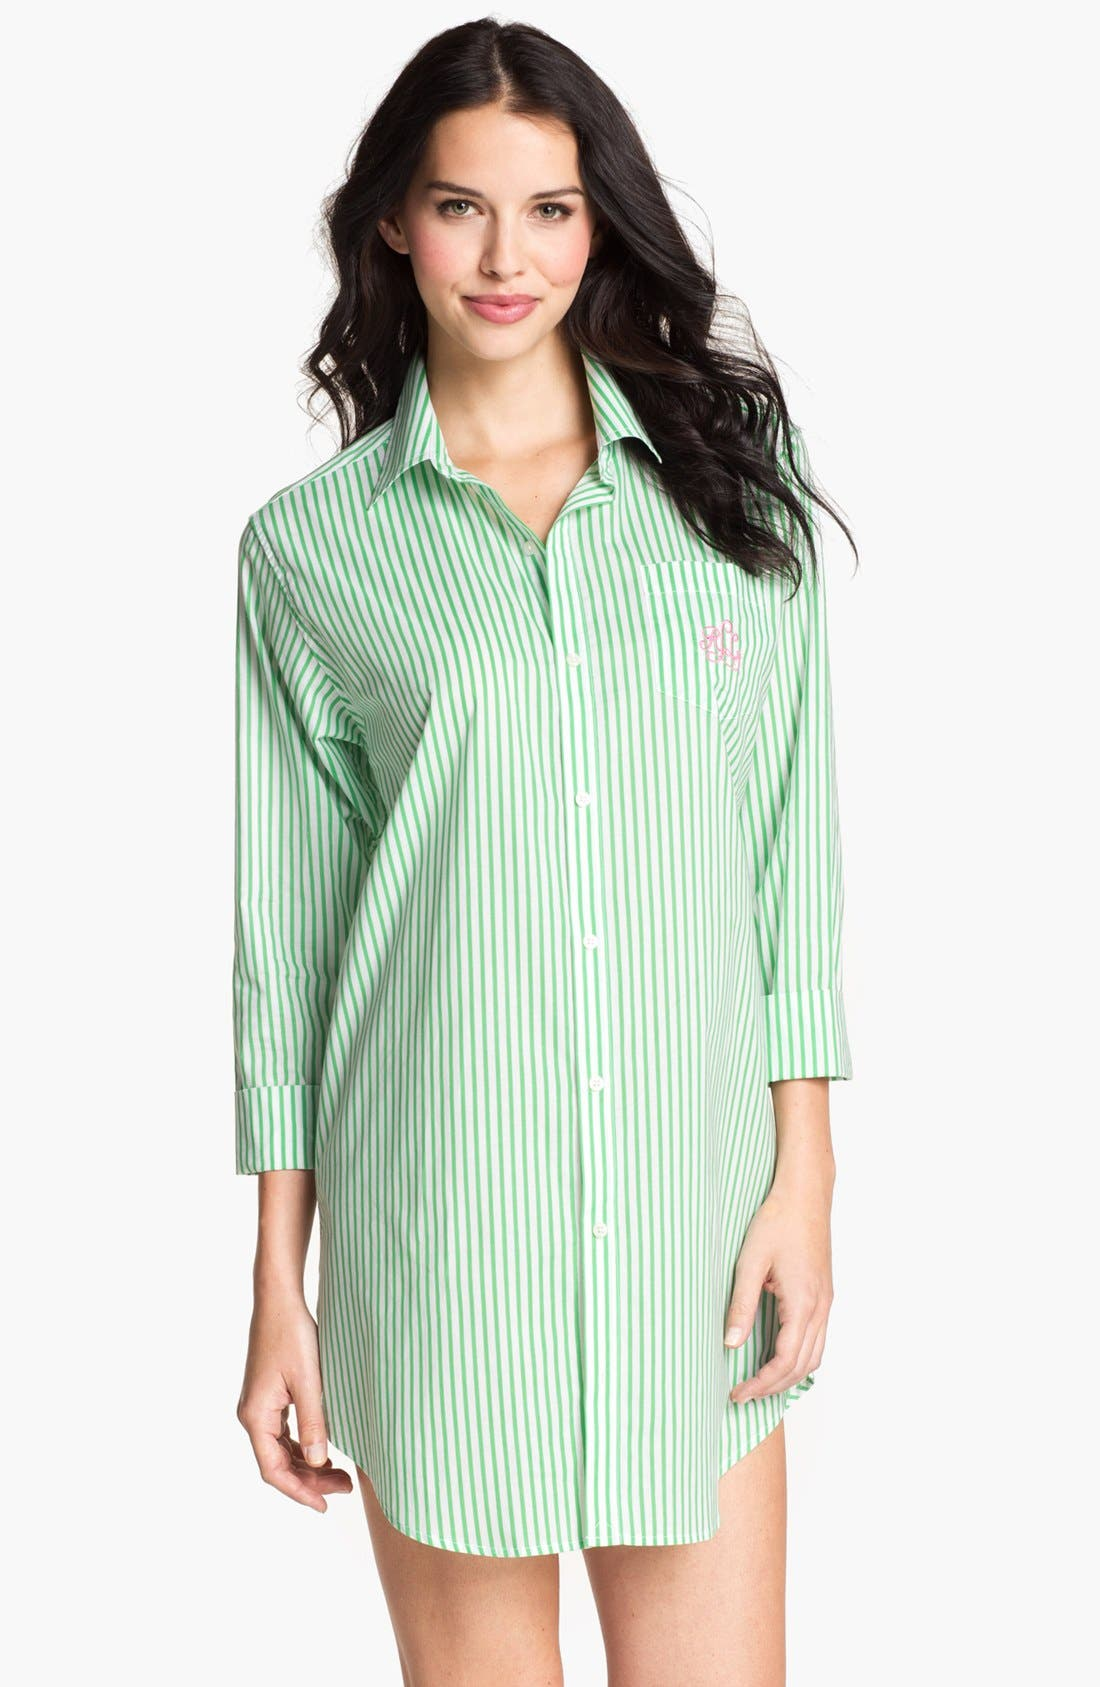 Alternate Image 1 Selected - Lauren Ralph Lauren Cuffed Nightshirt